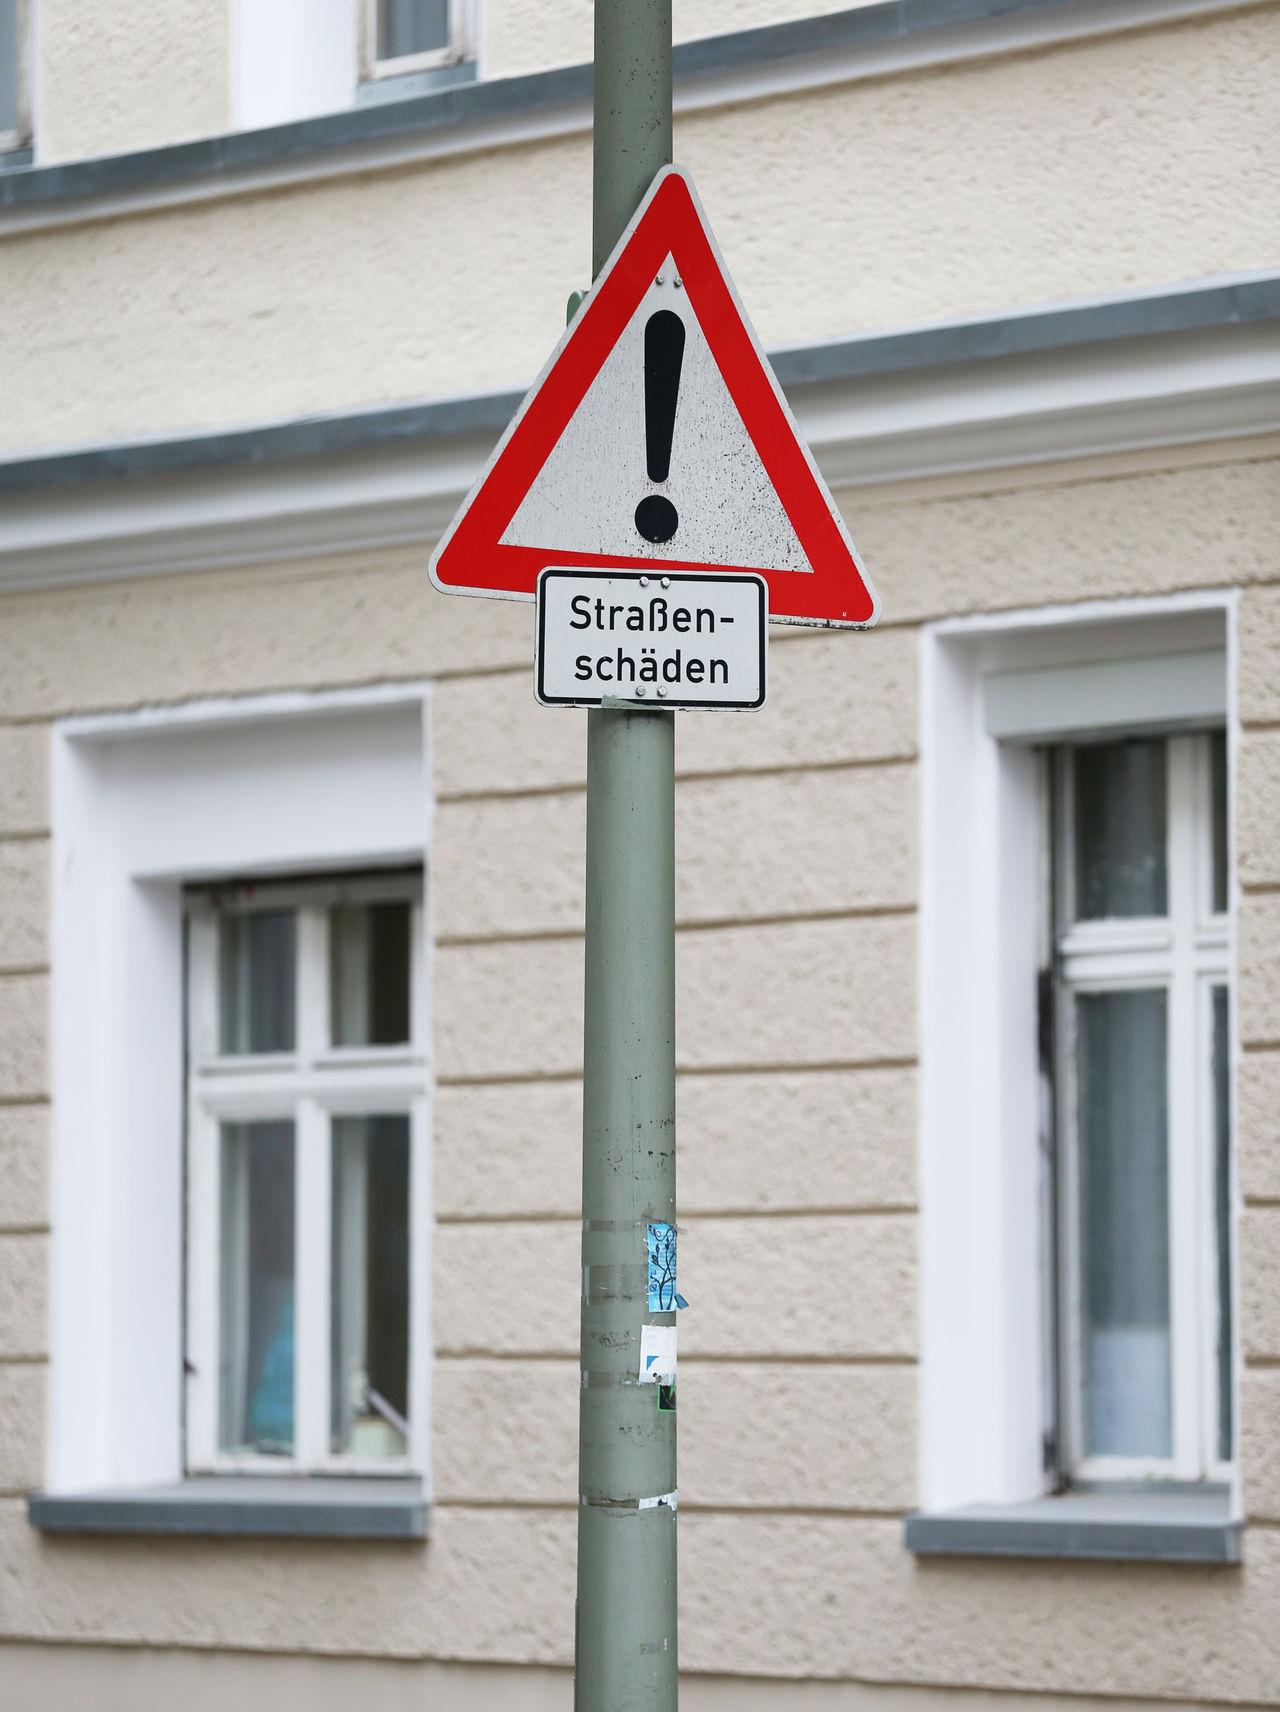 Verkehrszeichen, Straßenschäden Berlin Friedrichshain FOTO: FRANK SENFTLEBEN Achtung Baustelle Hinweis Hinweisschild Strassenverkehr Straßenschaden Straßenschaden Verkehrszeichen Warnhinweis